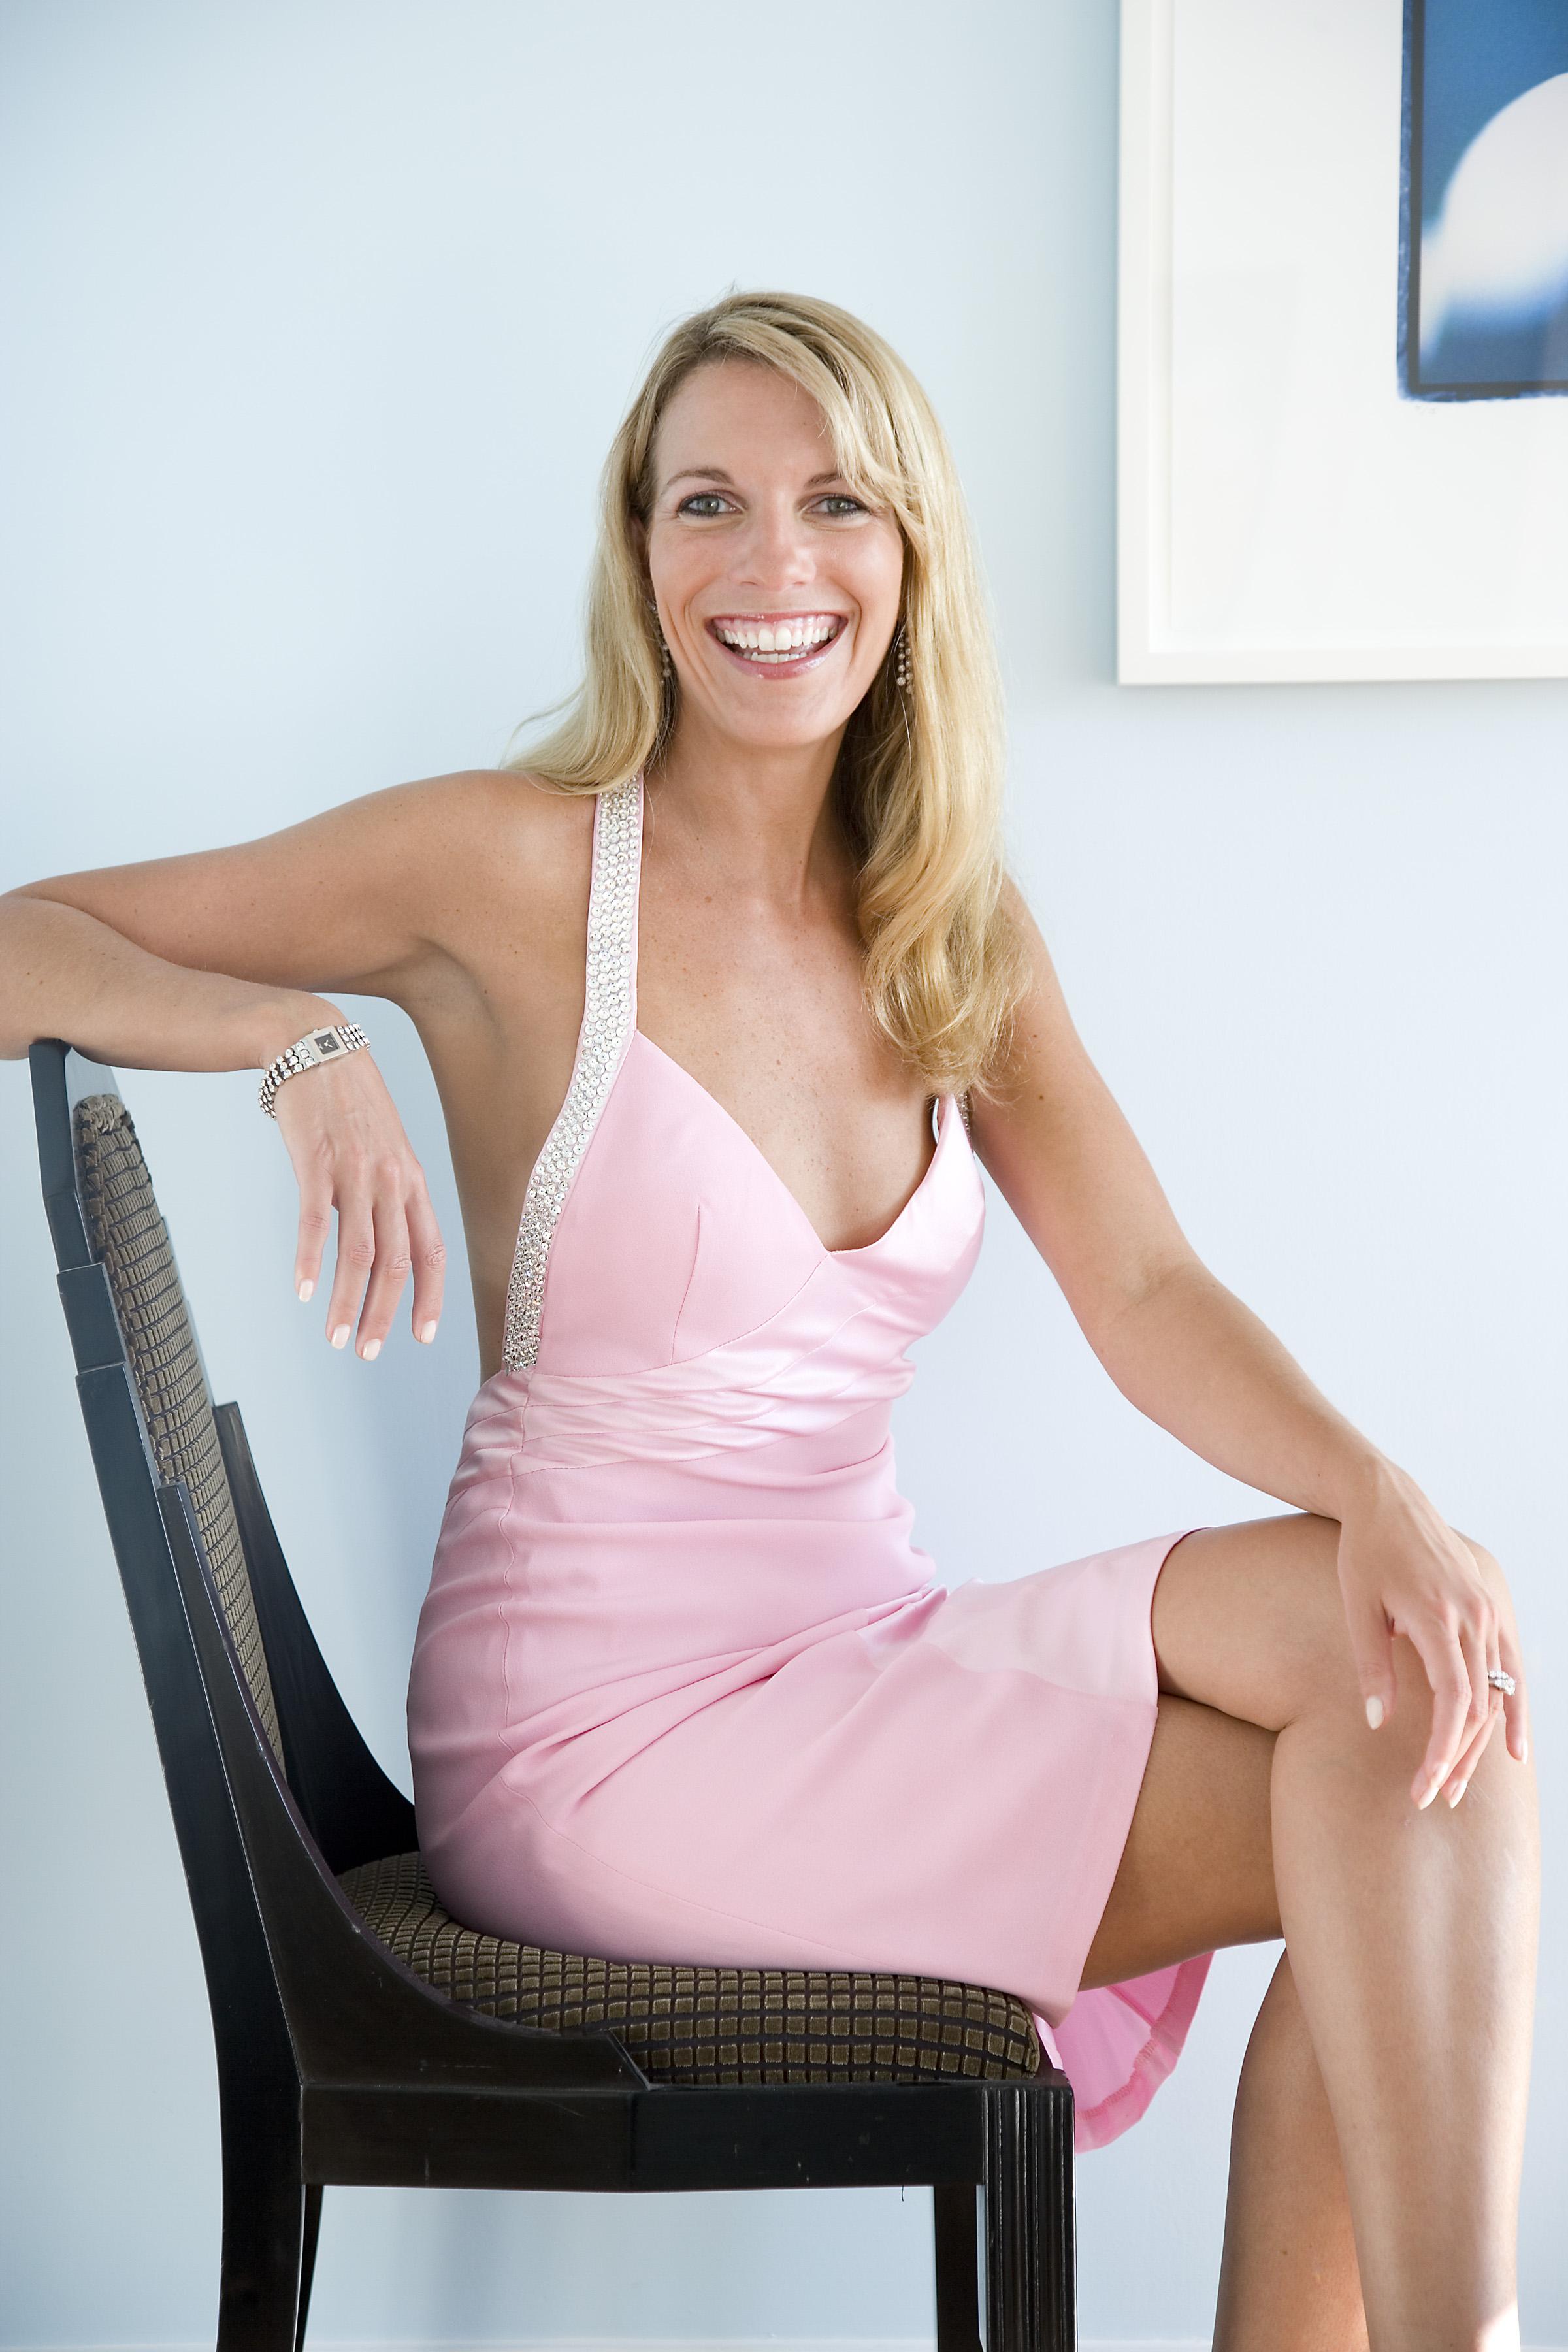 Stephanie Hessler